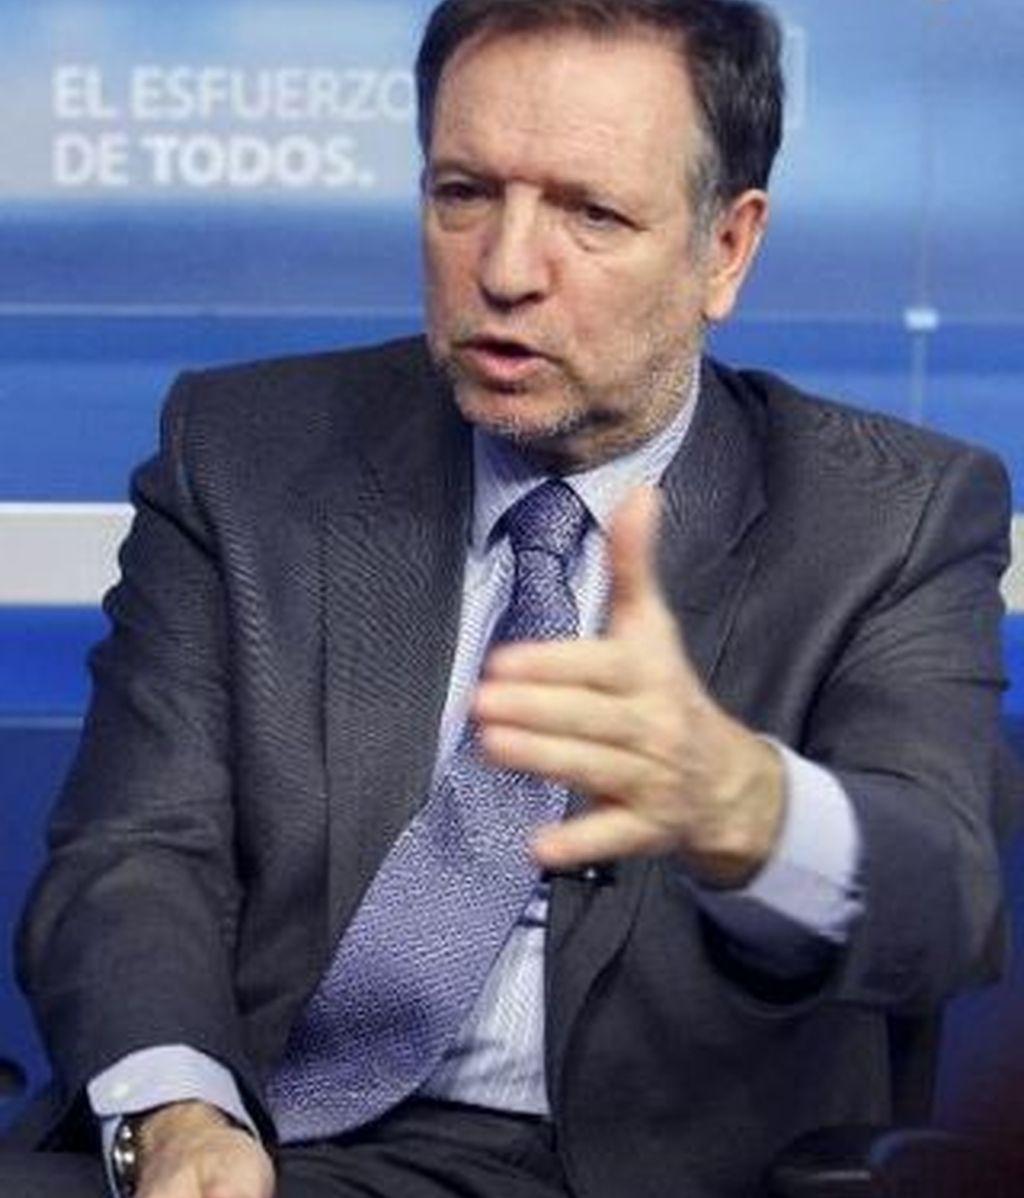 Marcelino Iglesias, el jefe del PSOE. Foto: EFE.